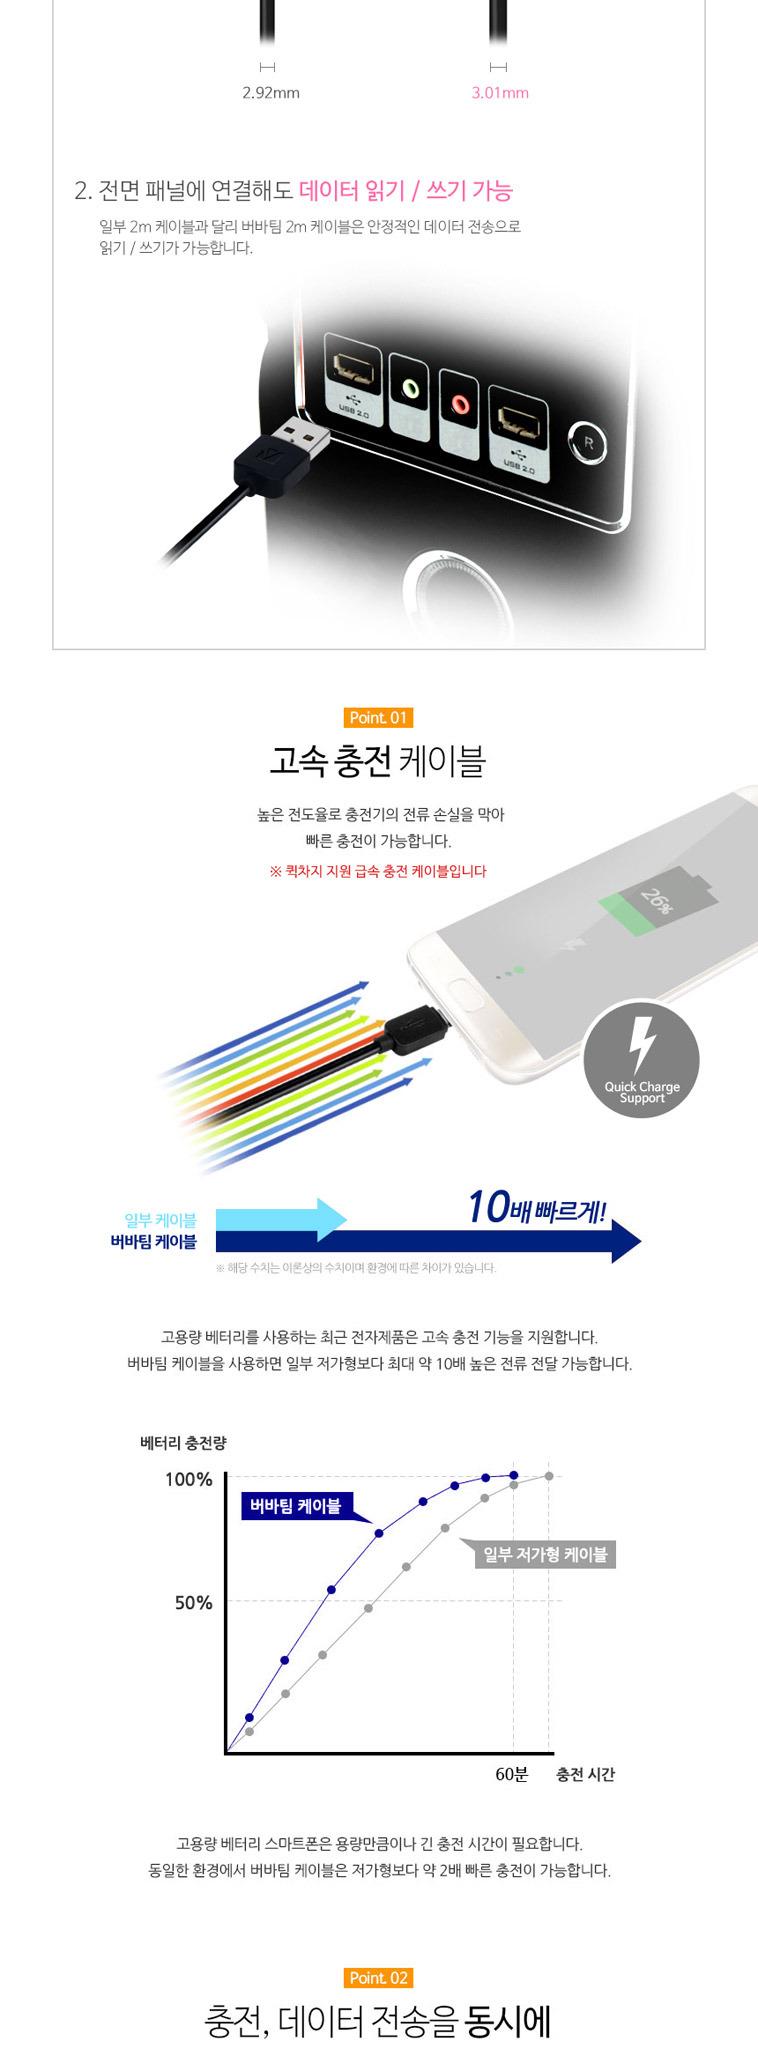 버바팀 고속 휴대폰 충전 케이블 - 상세정보